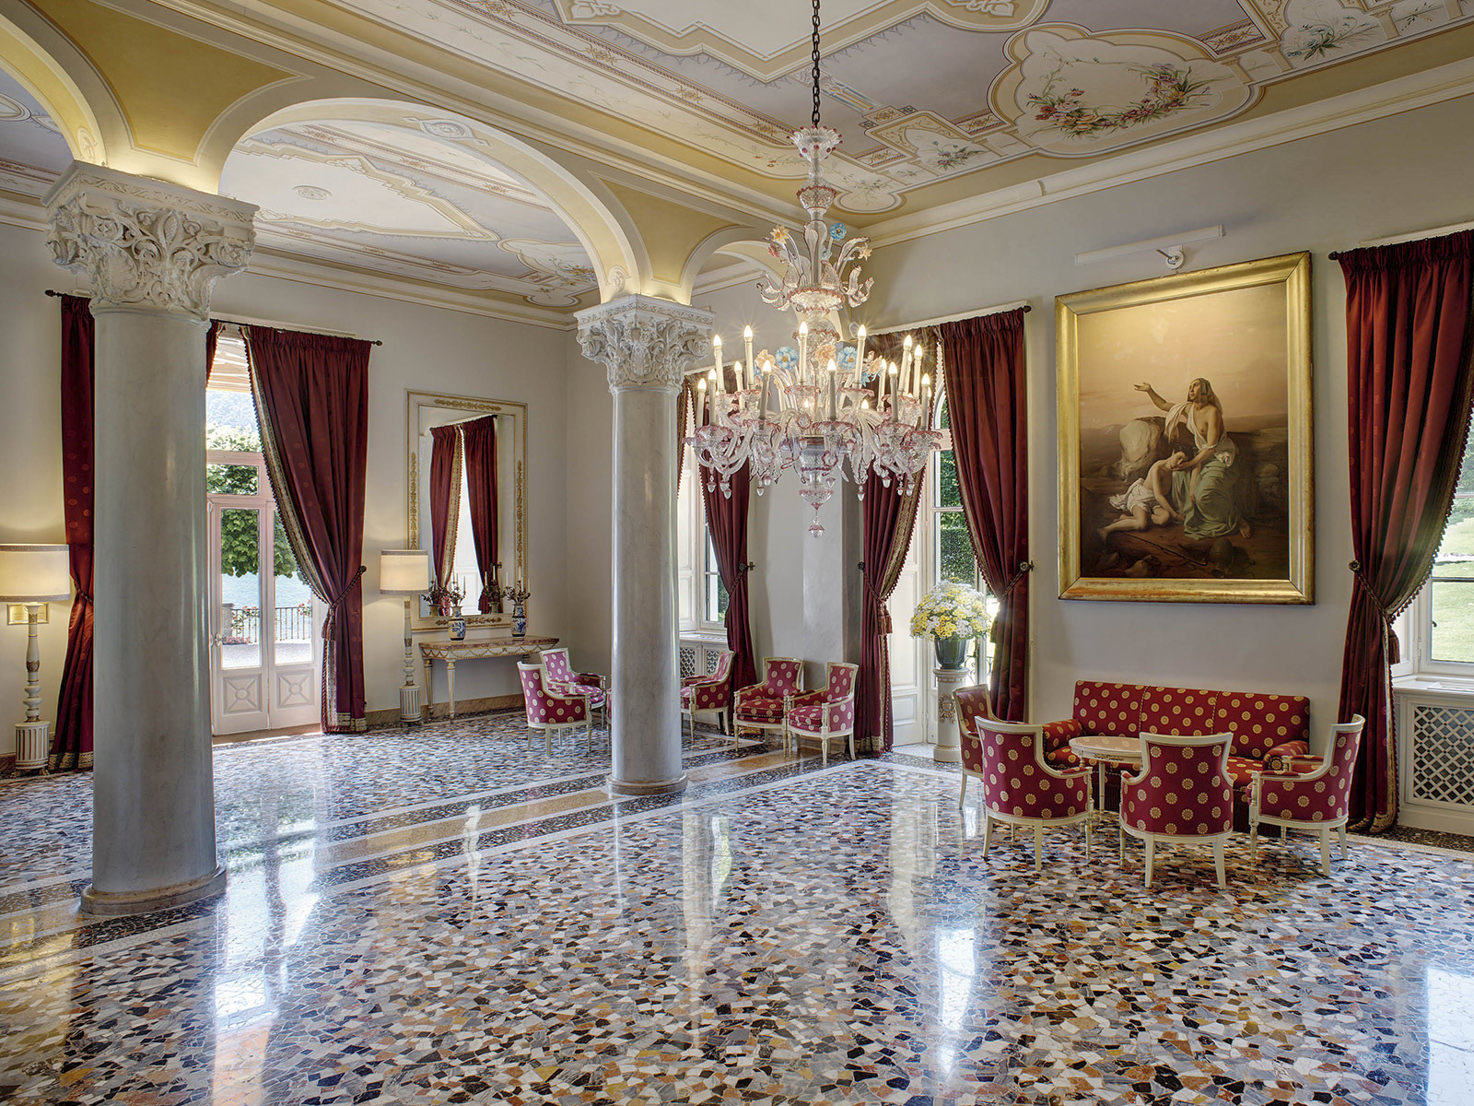 Sala Colonne of Villa D'Este